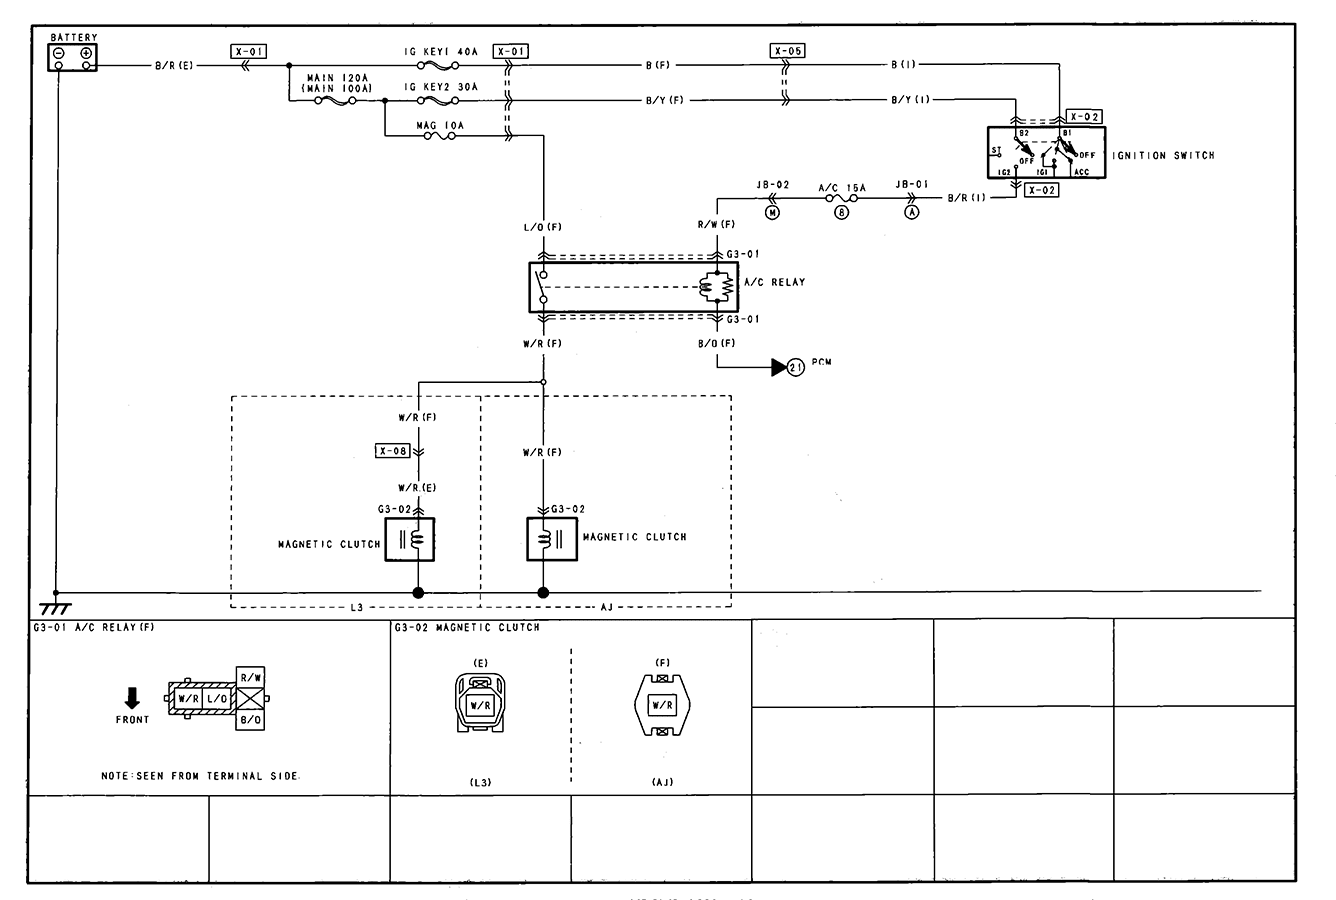 2010 Mazda 3 Stereo Wiring Diagram